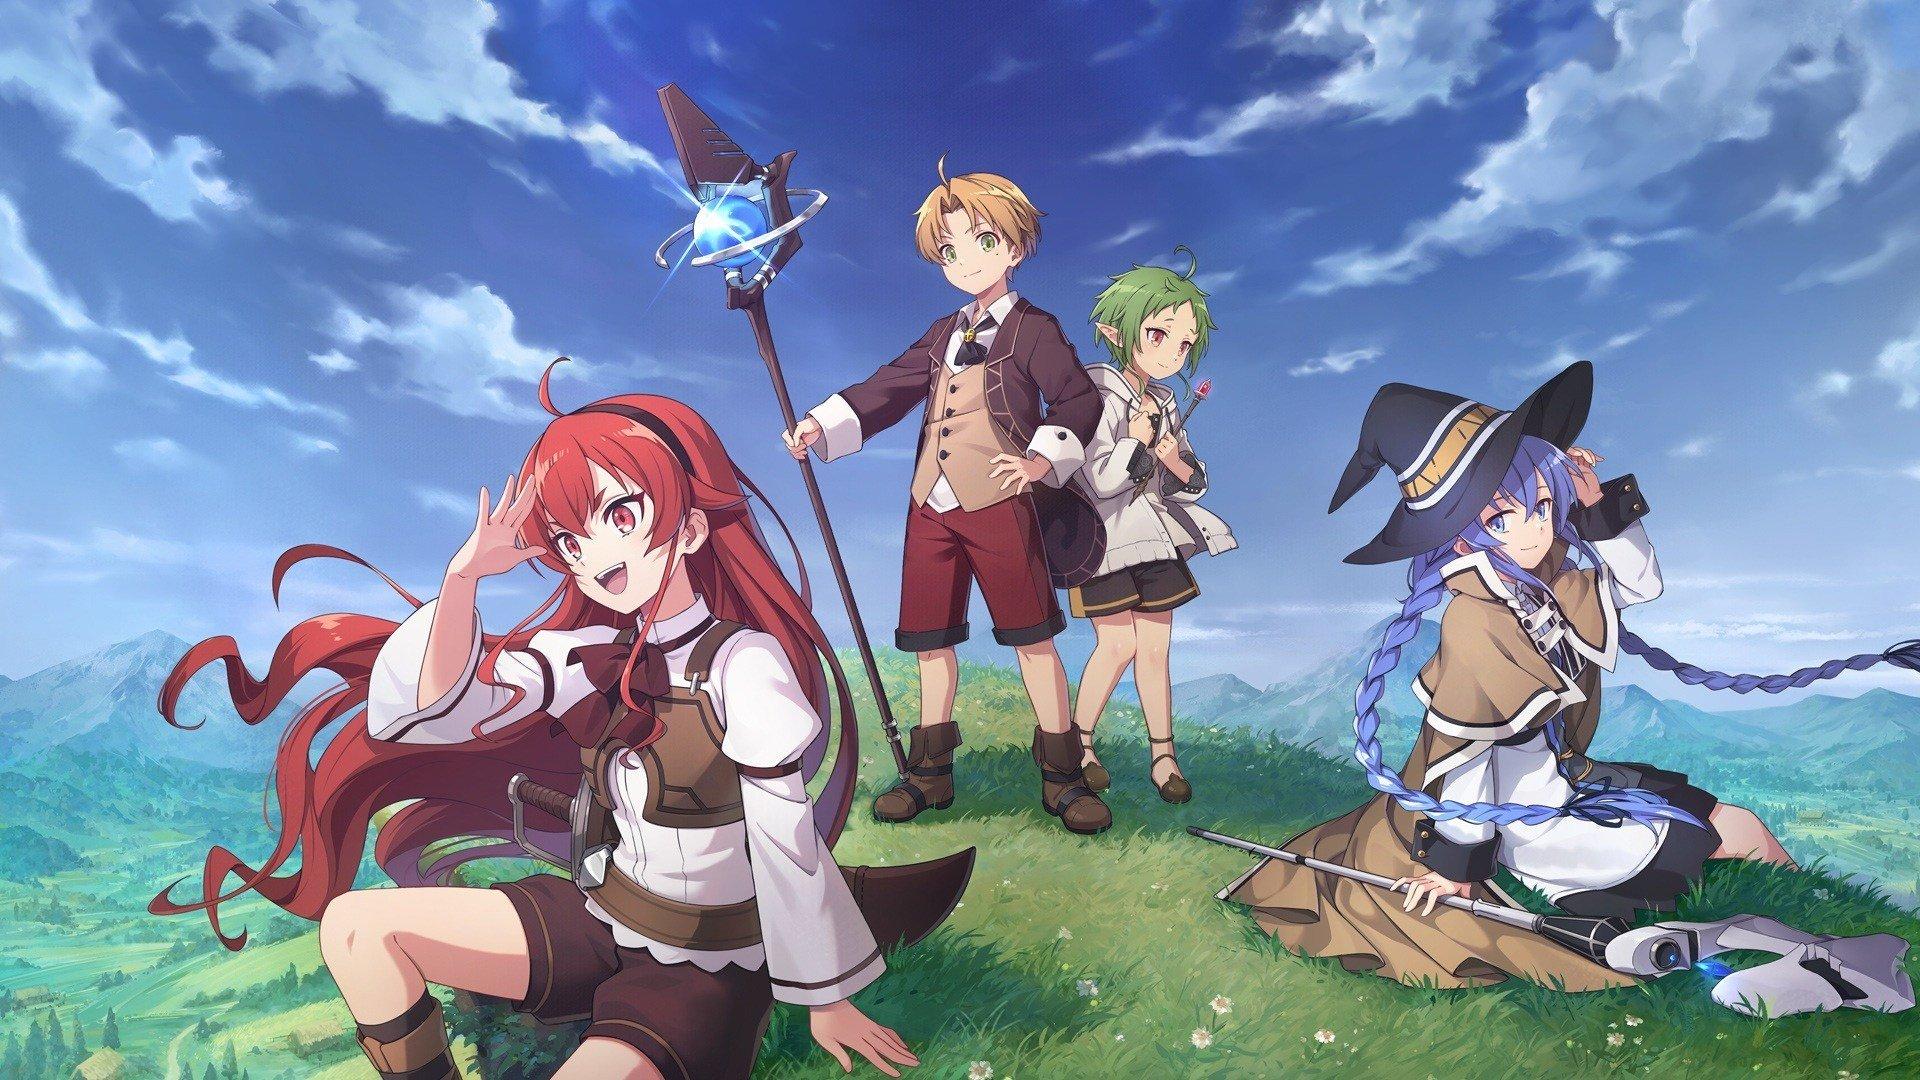 """A Funimation revelou que irá transmitir a adaptação para anime da light novel """"Mushoku Tensei"""", e o site oficial revelou a data de estreia."""